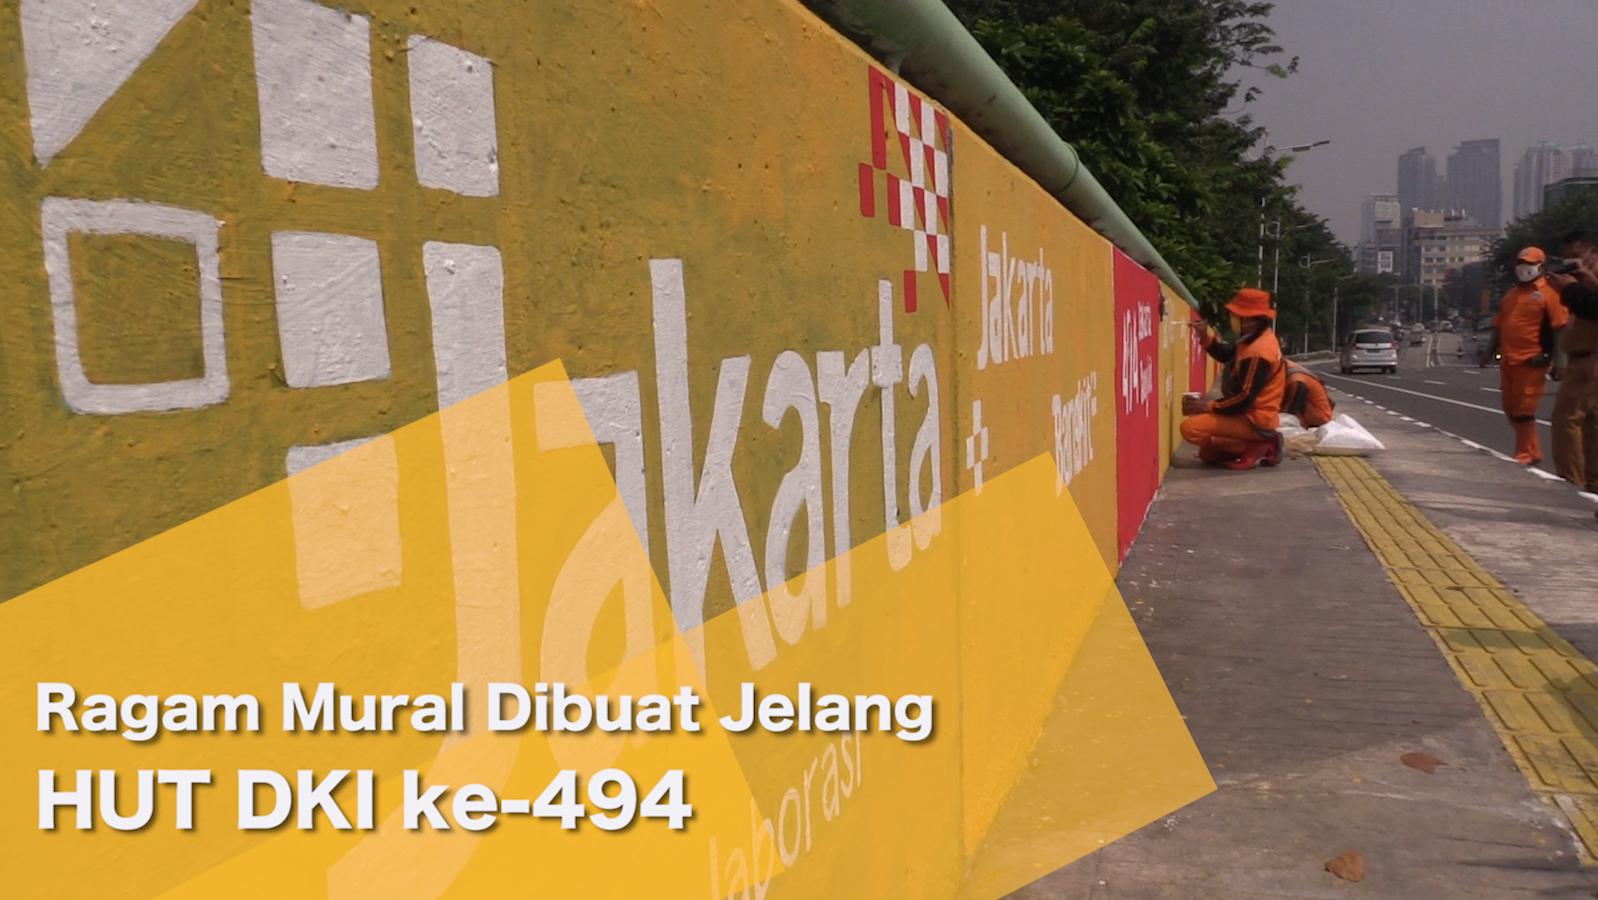 Ragam Mural Dibuat Jelang HUT DKI ke-494